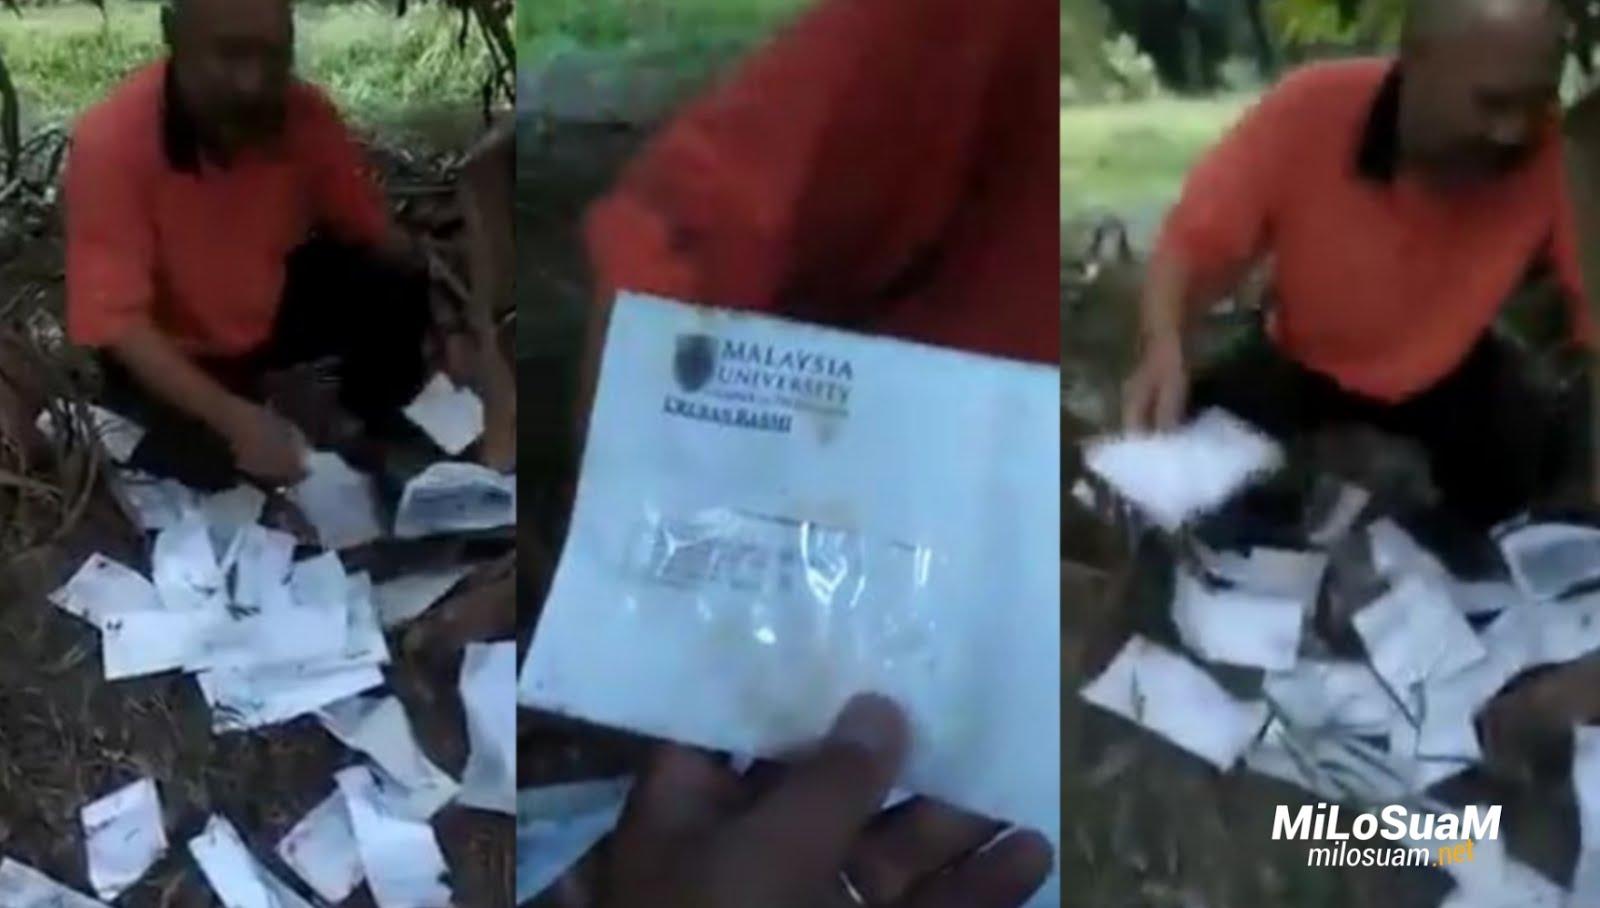 Posmen buang surat dalam kebun